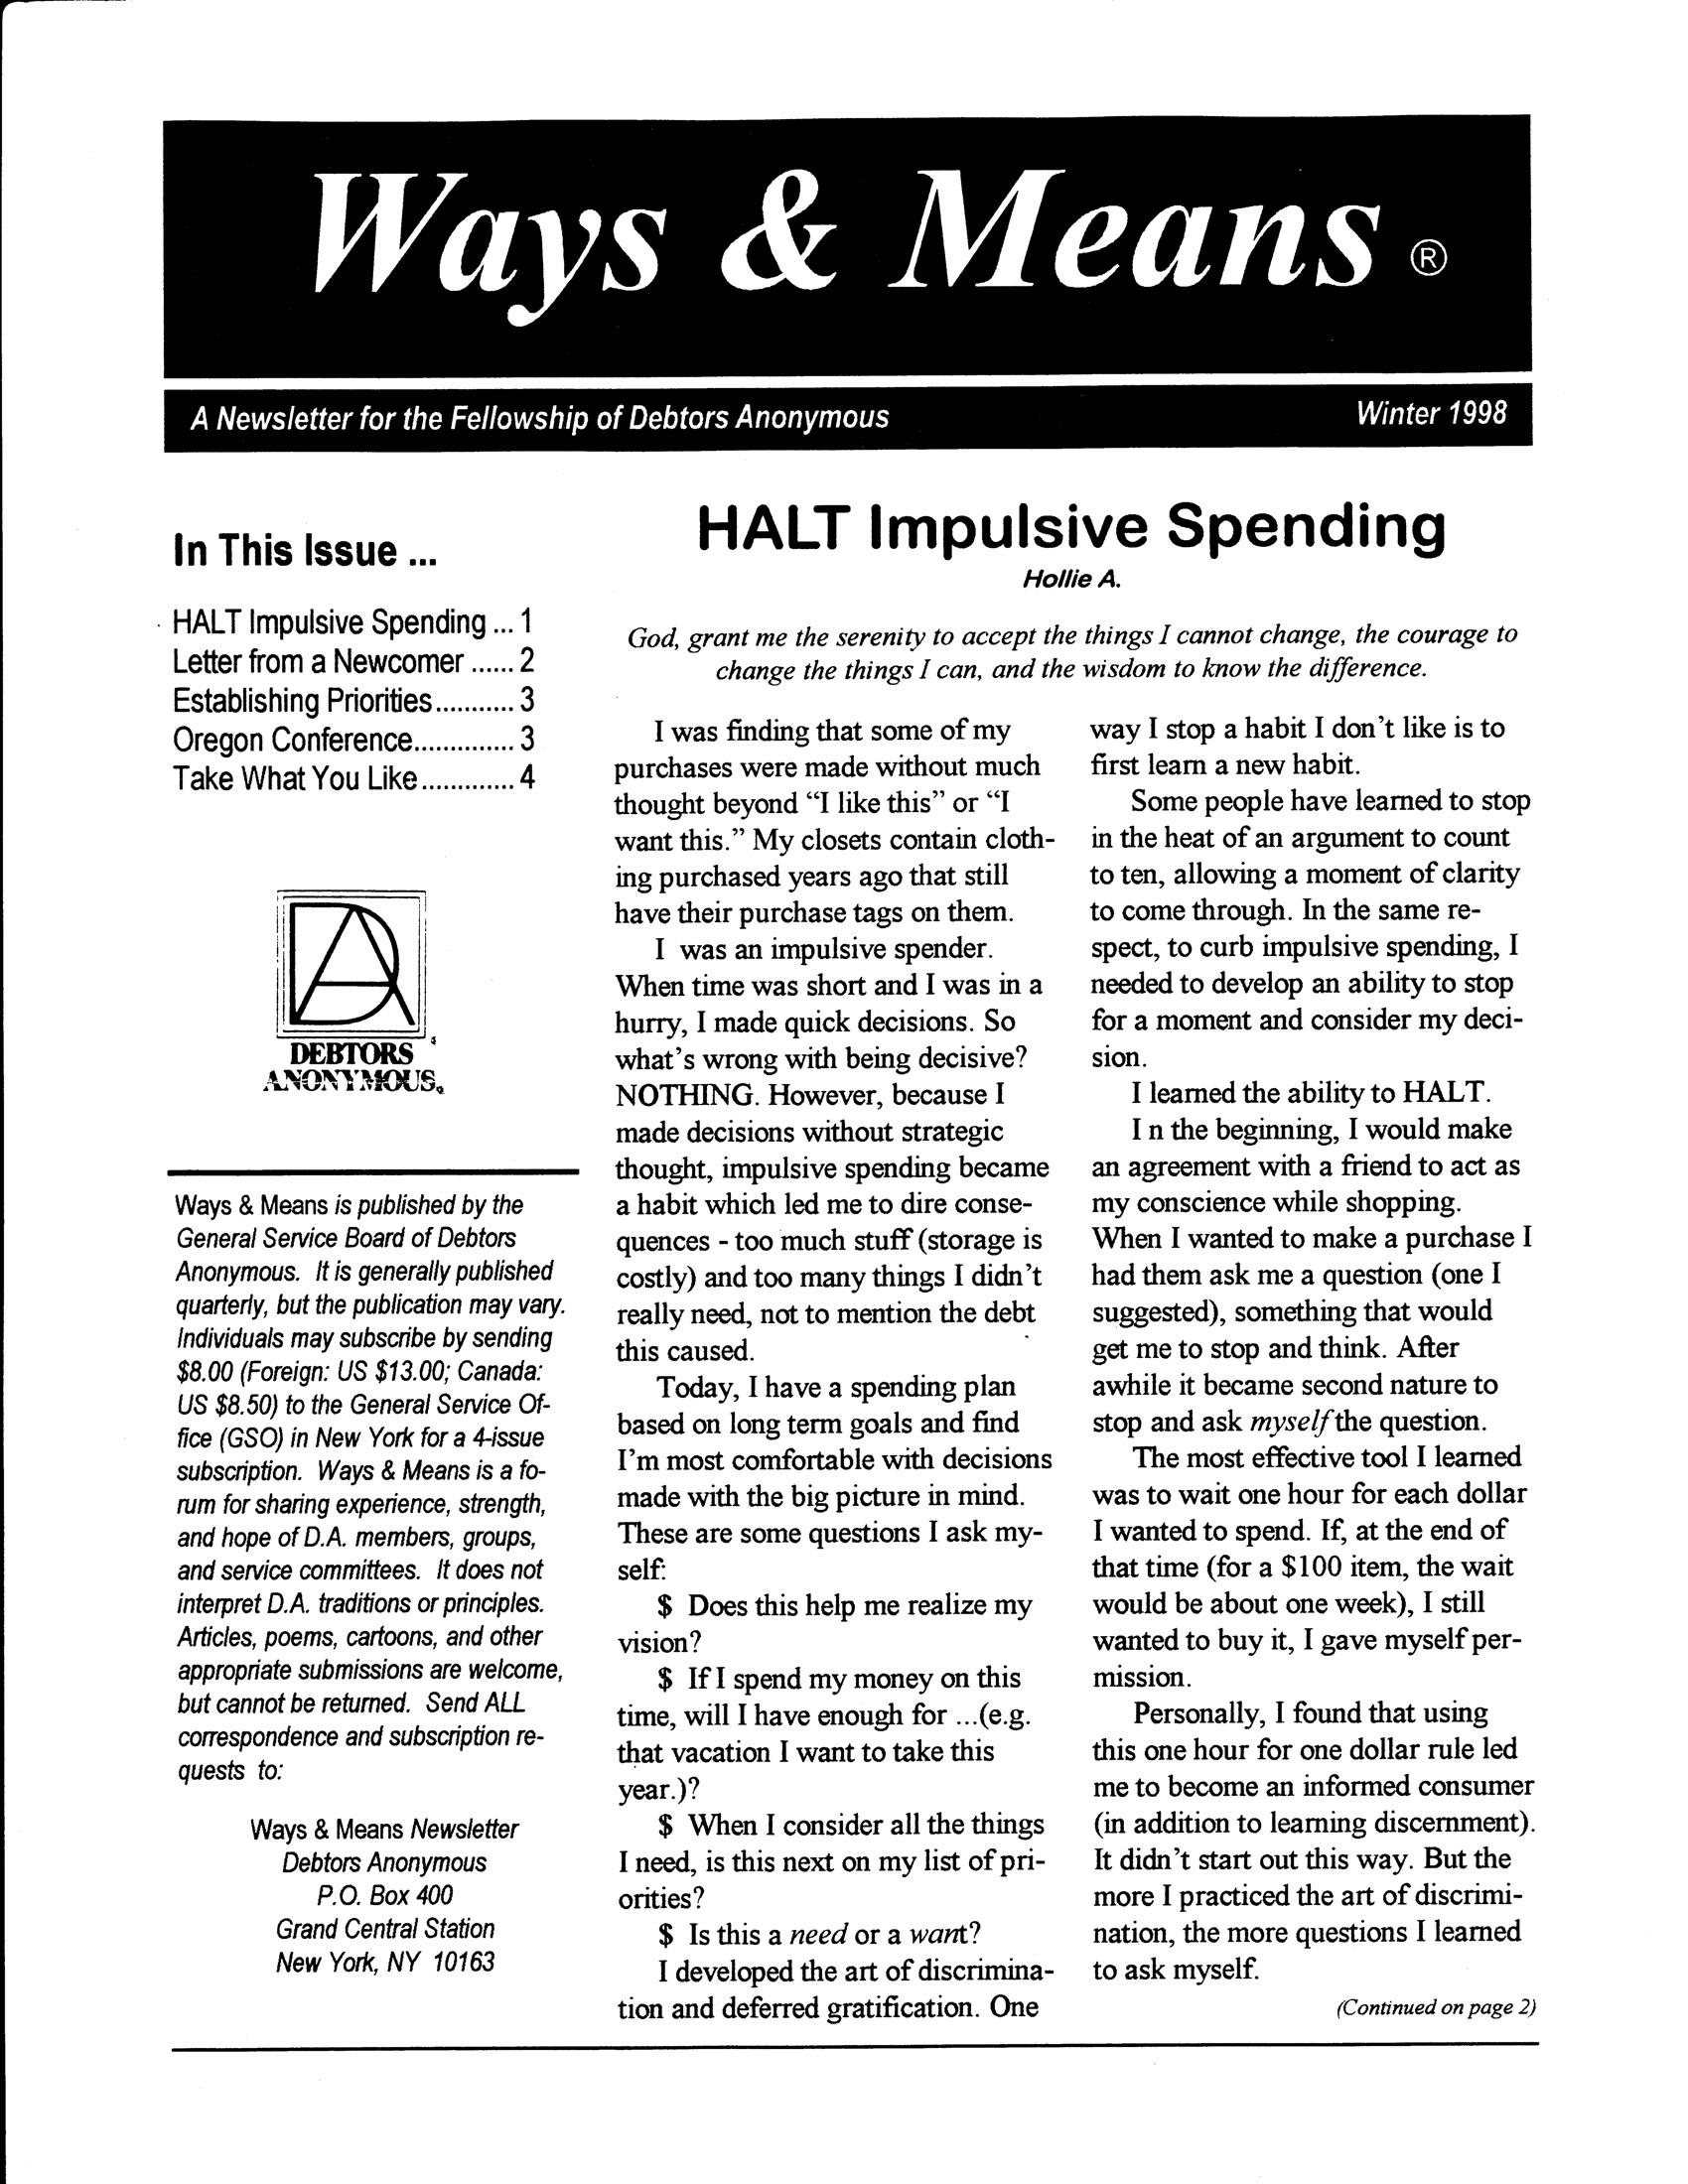 Ways & Means 1st QTR 1998